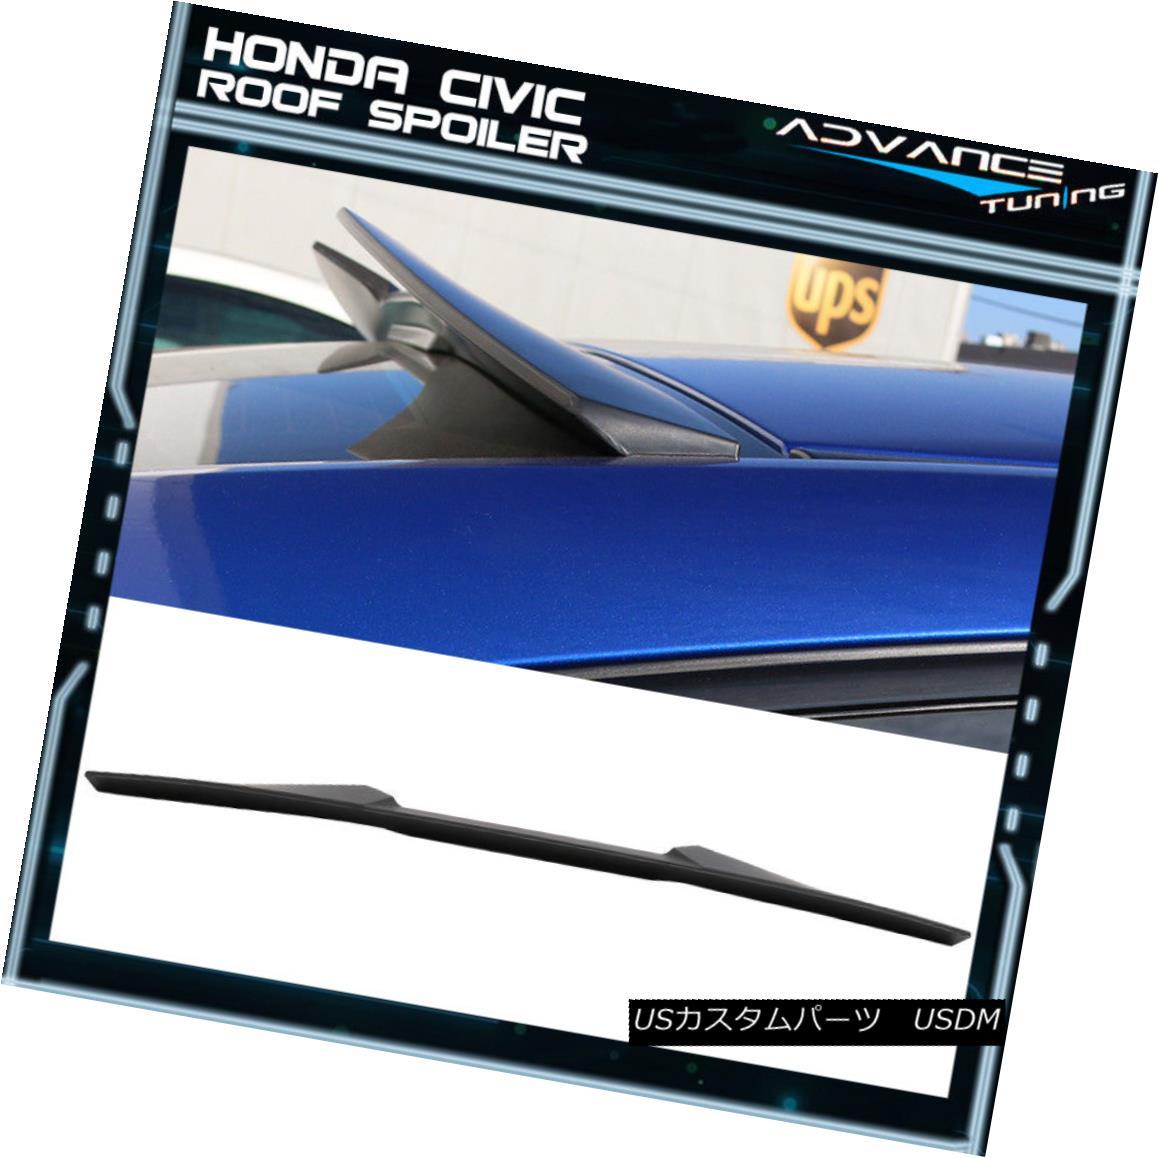 エアロパーツ 16-18 Honda Civic X 10th Gen Coupe 2Door V Style Rear Roof Spoiler Wing - ABS 16-18ホンダシビックX 10世代クーペ2Door Vスタイルリアルーフスポイラーウィング - ABS